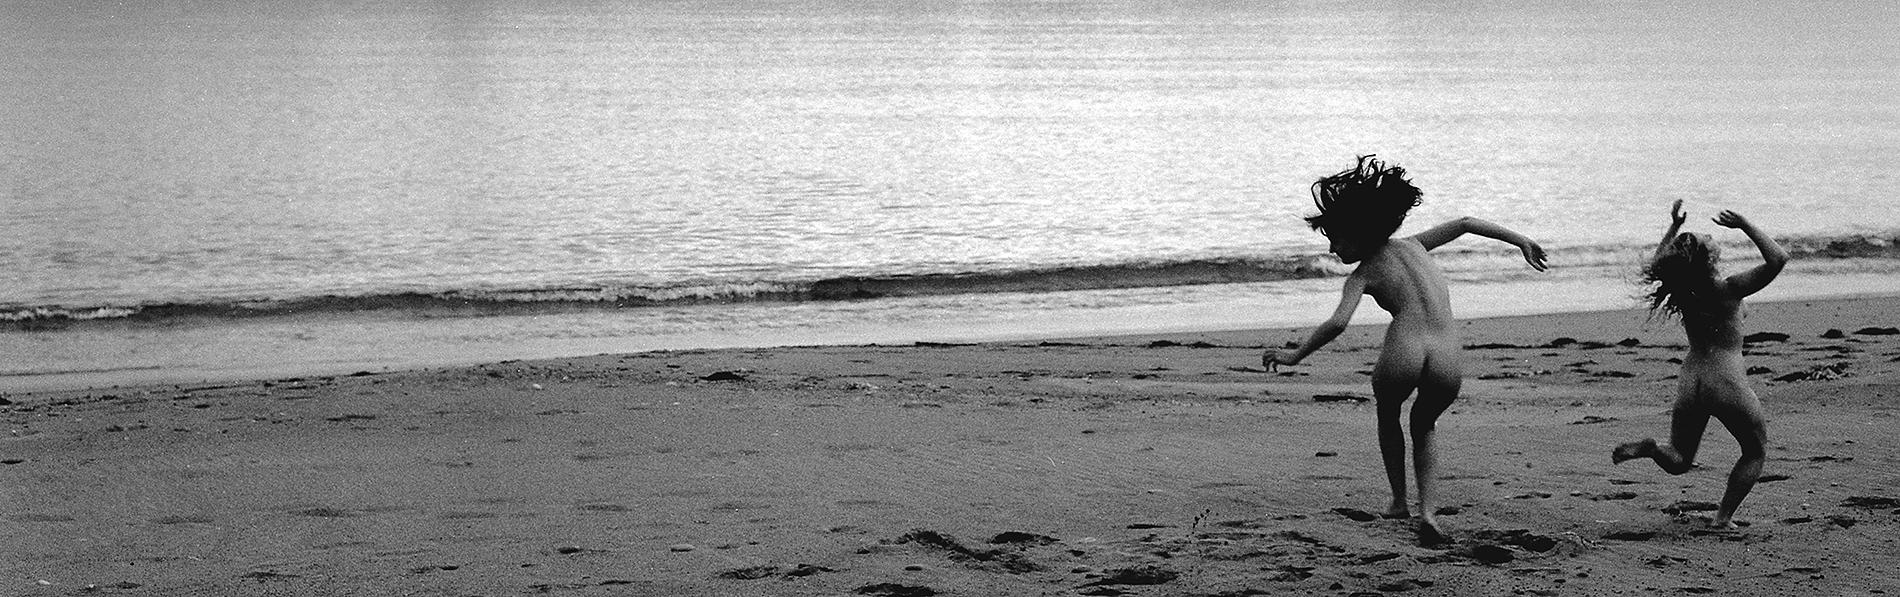 Nova Scotia 2012_02